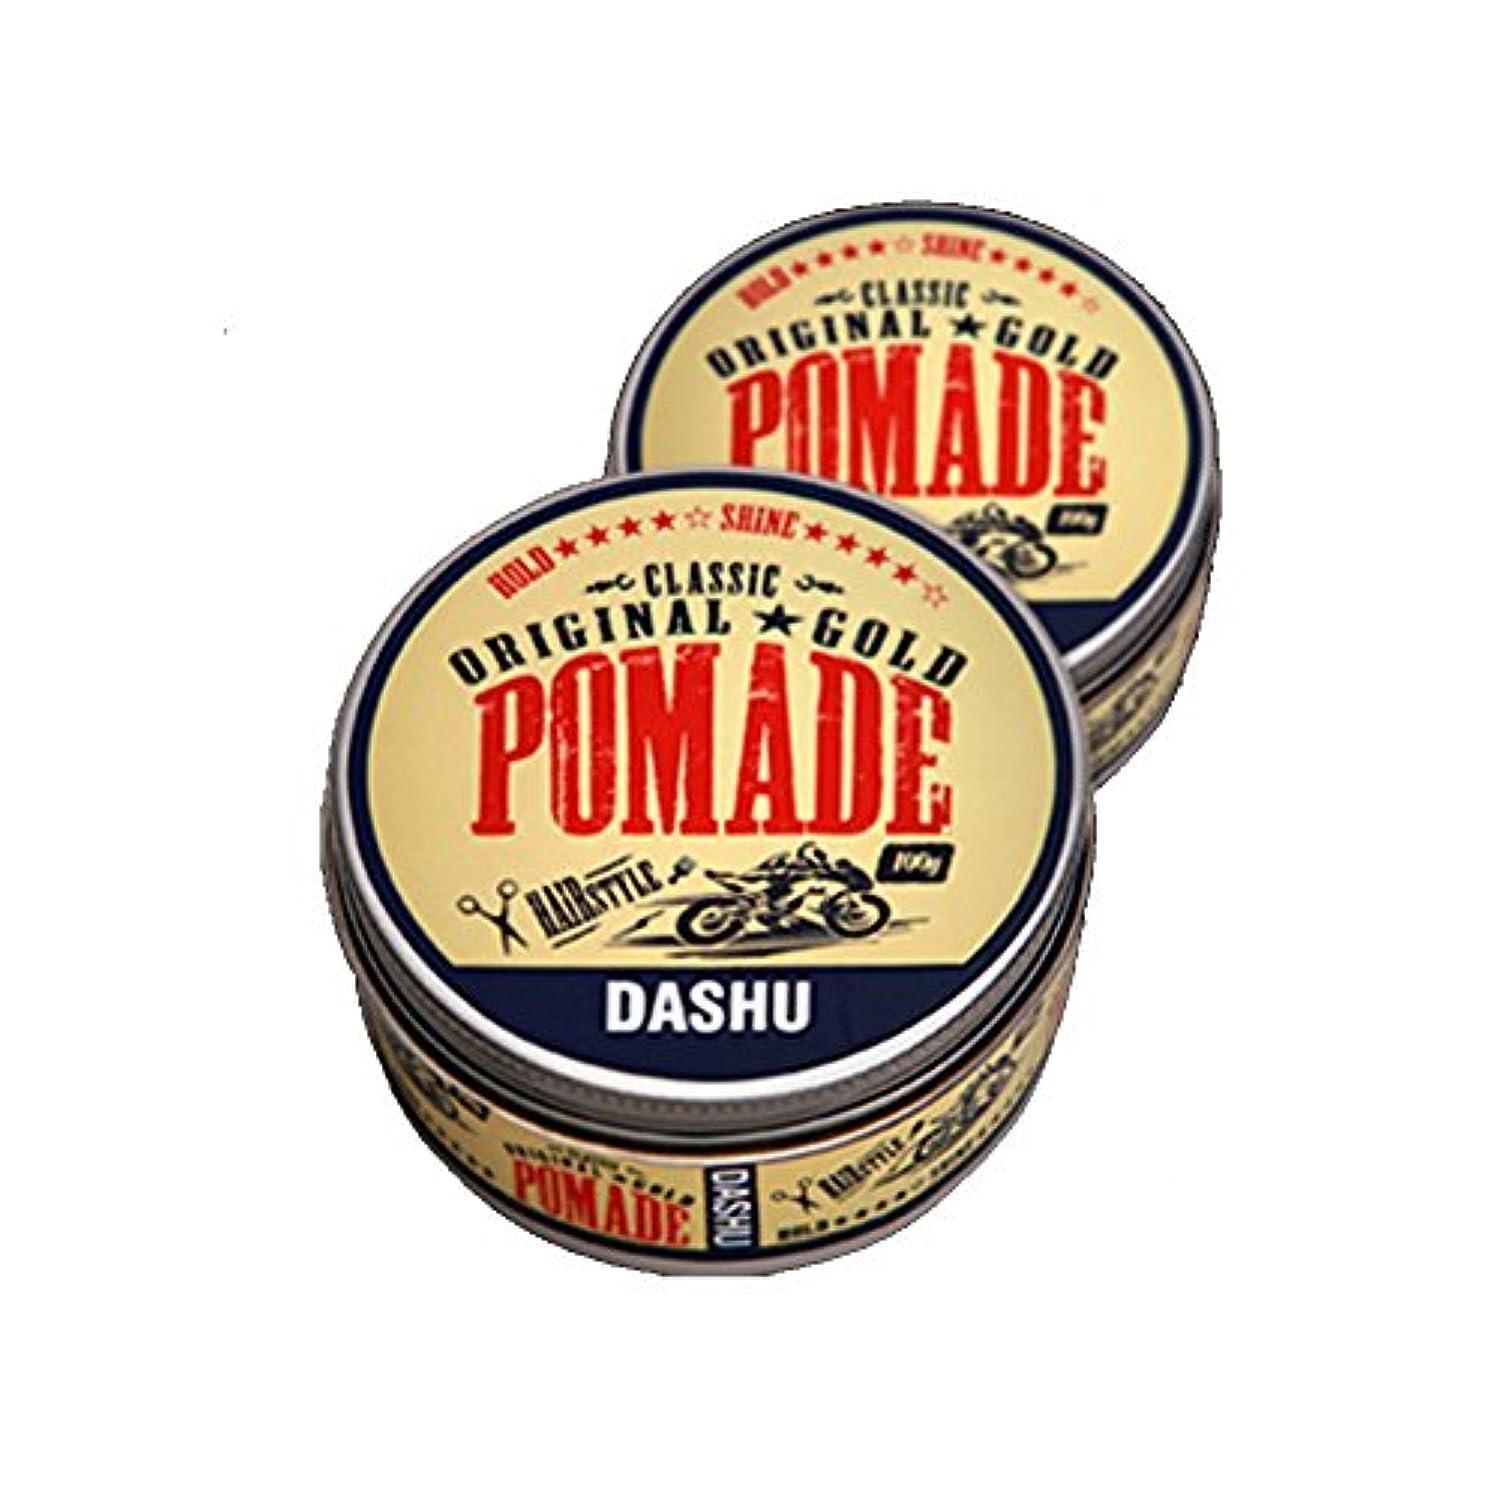 (2個セット) x [DASHU] ダシュ クラシックオリジナルゴールドポマードヘアワックス Classic Original Gold Pomade Hair Wax 100ml / 韓国製 . 韓国直送品